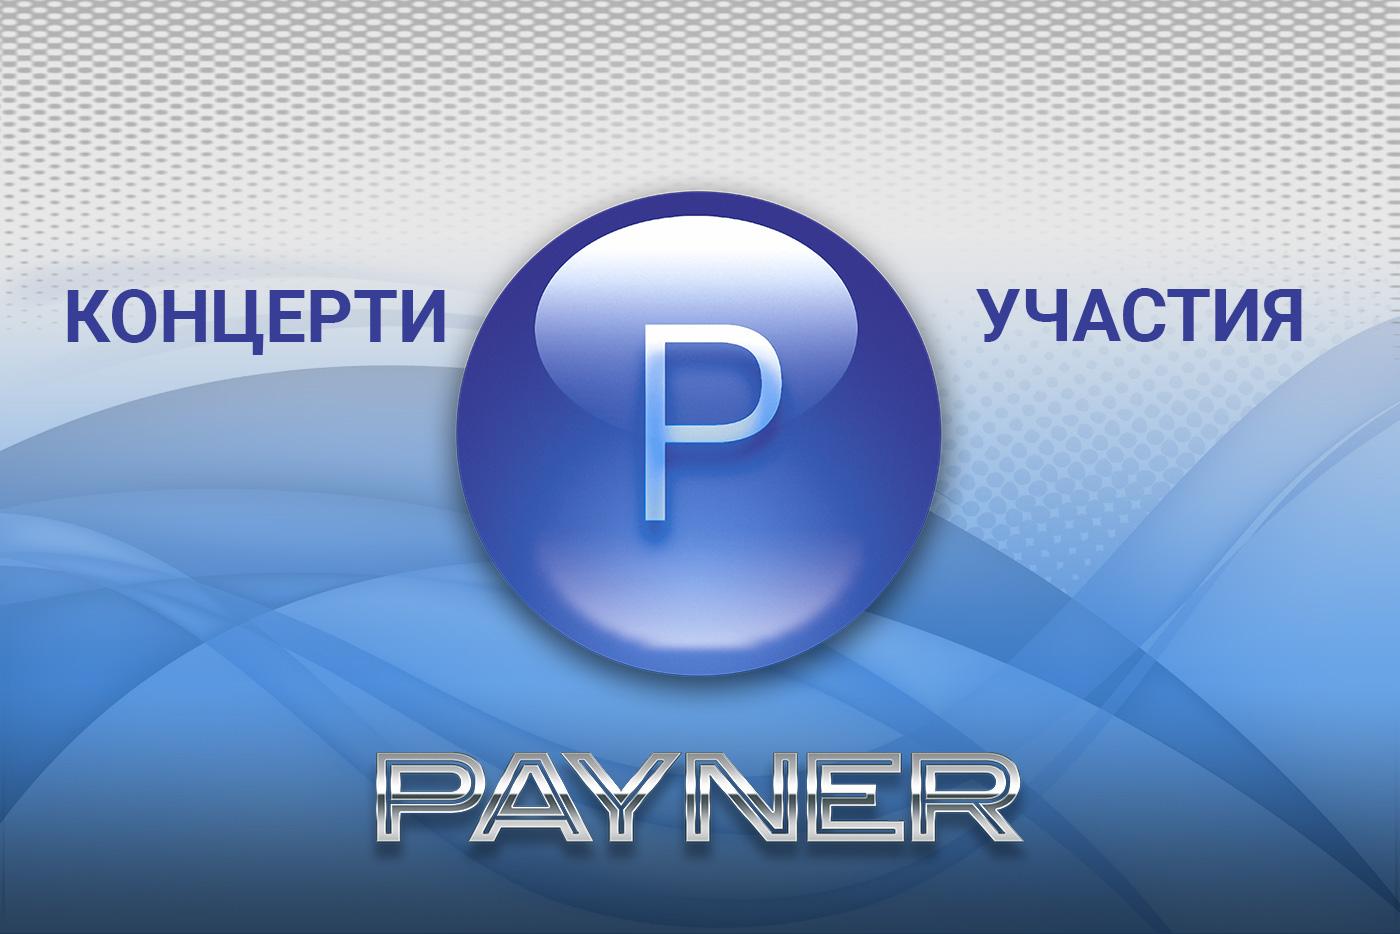 """Участия на звездите на """"Пайнер"""" на 21.10.2019"""